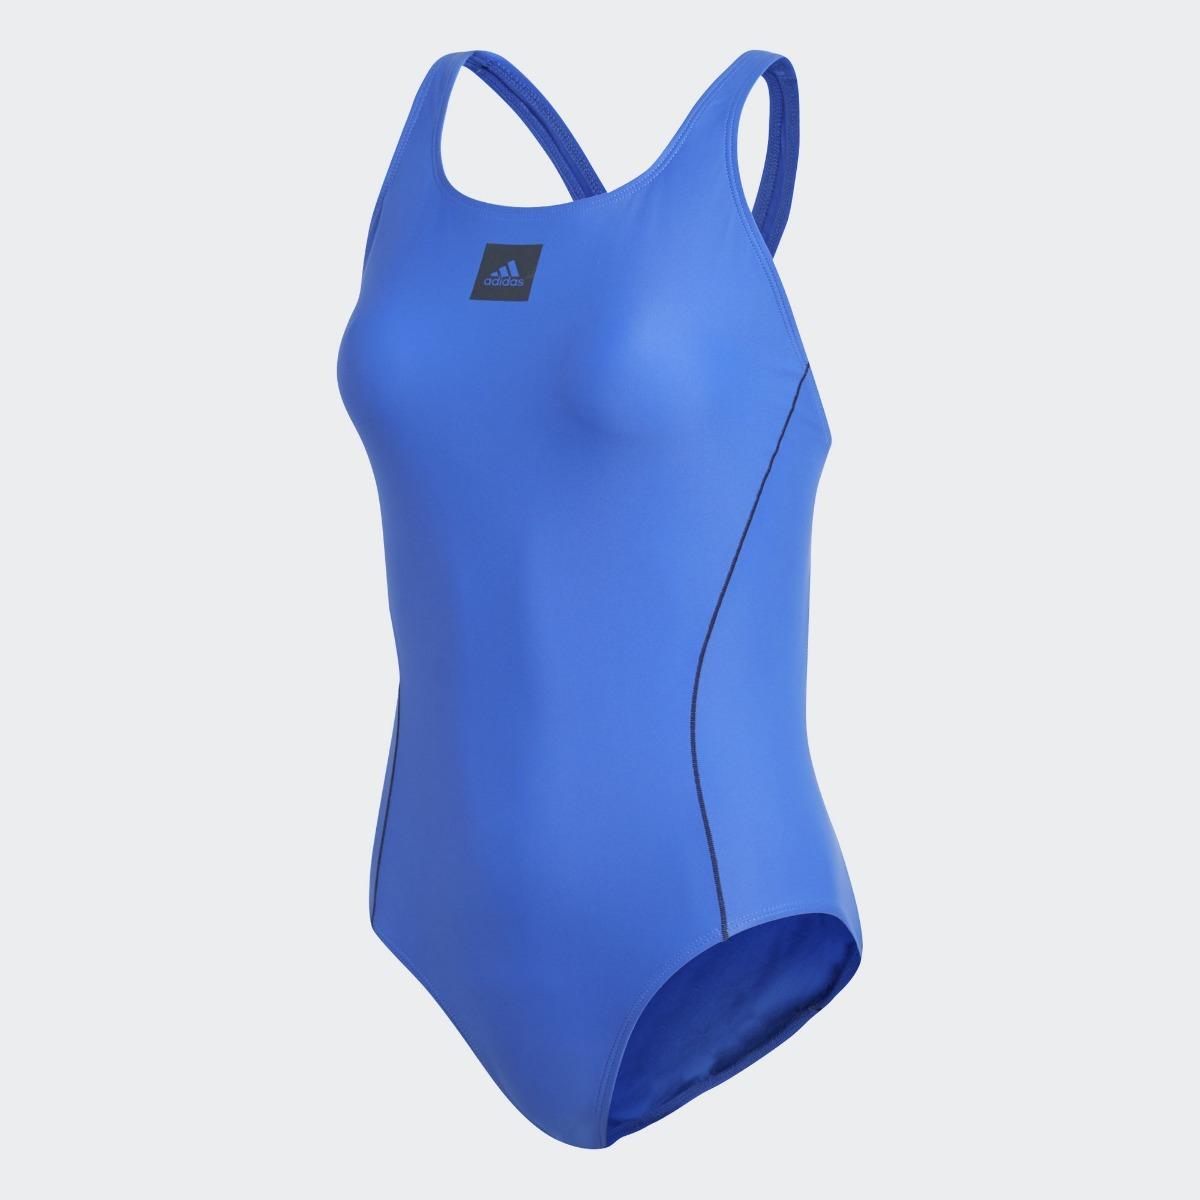 maiô adidas infinitex ecs natação anti cloro tam. m 1magnus. Carregando zoom . 774ceb0ce24